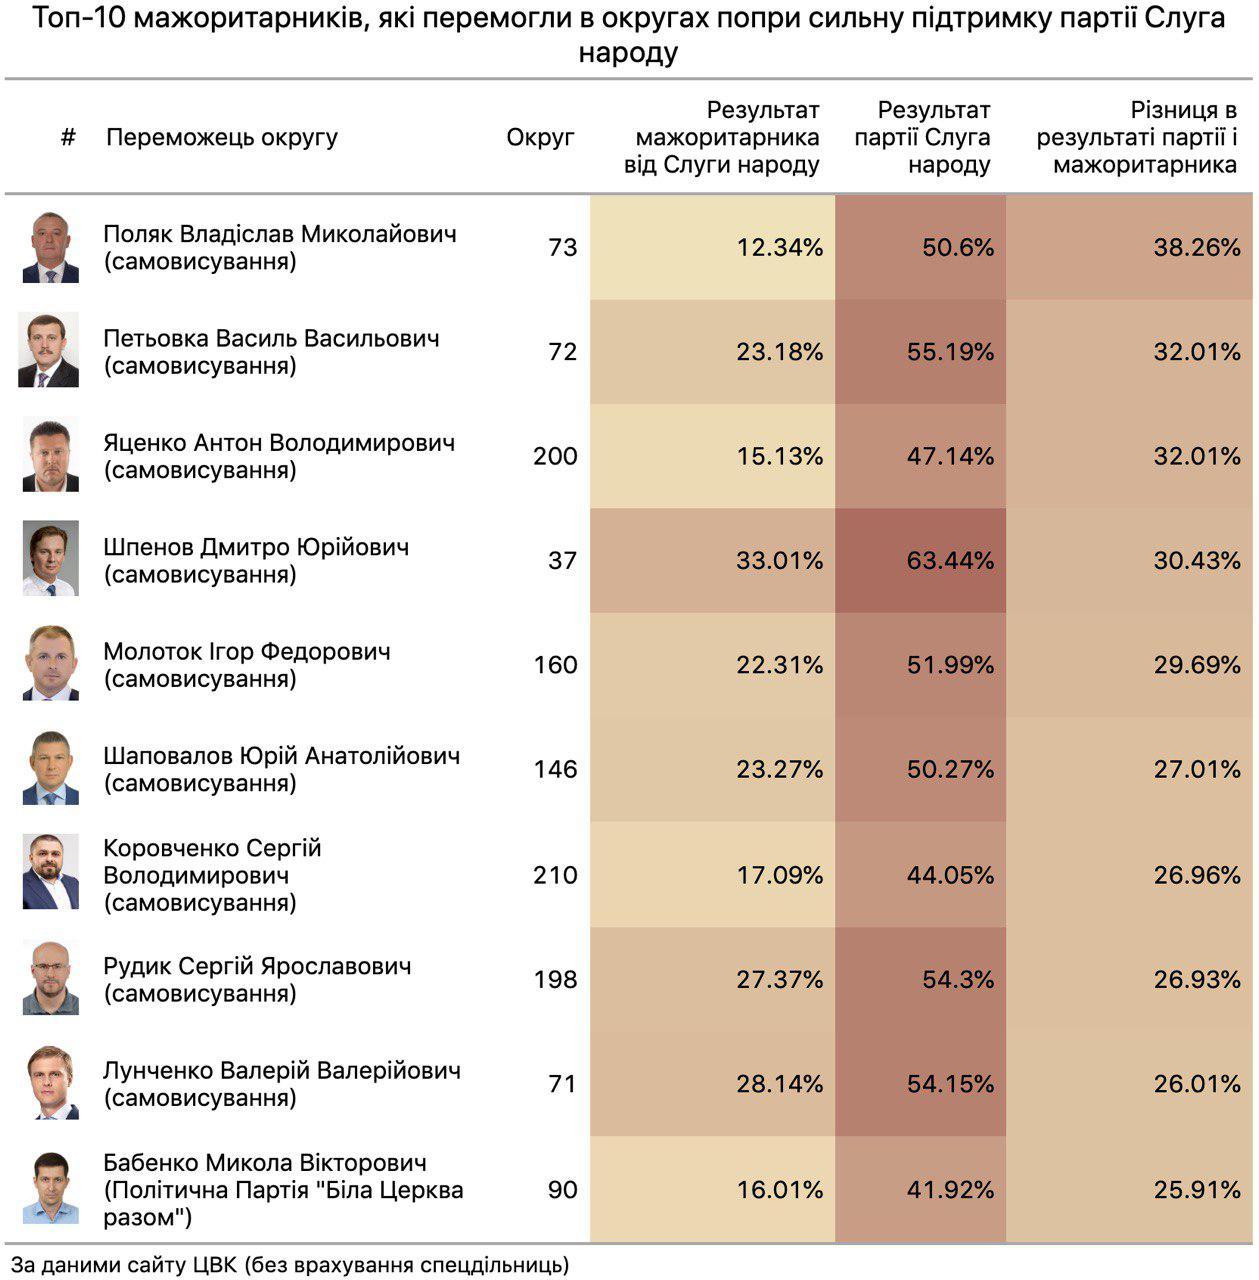 """топ-10 мажоритарників, які виграли в округах з великою підтримкою """"Слуги народу"""""""